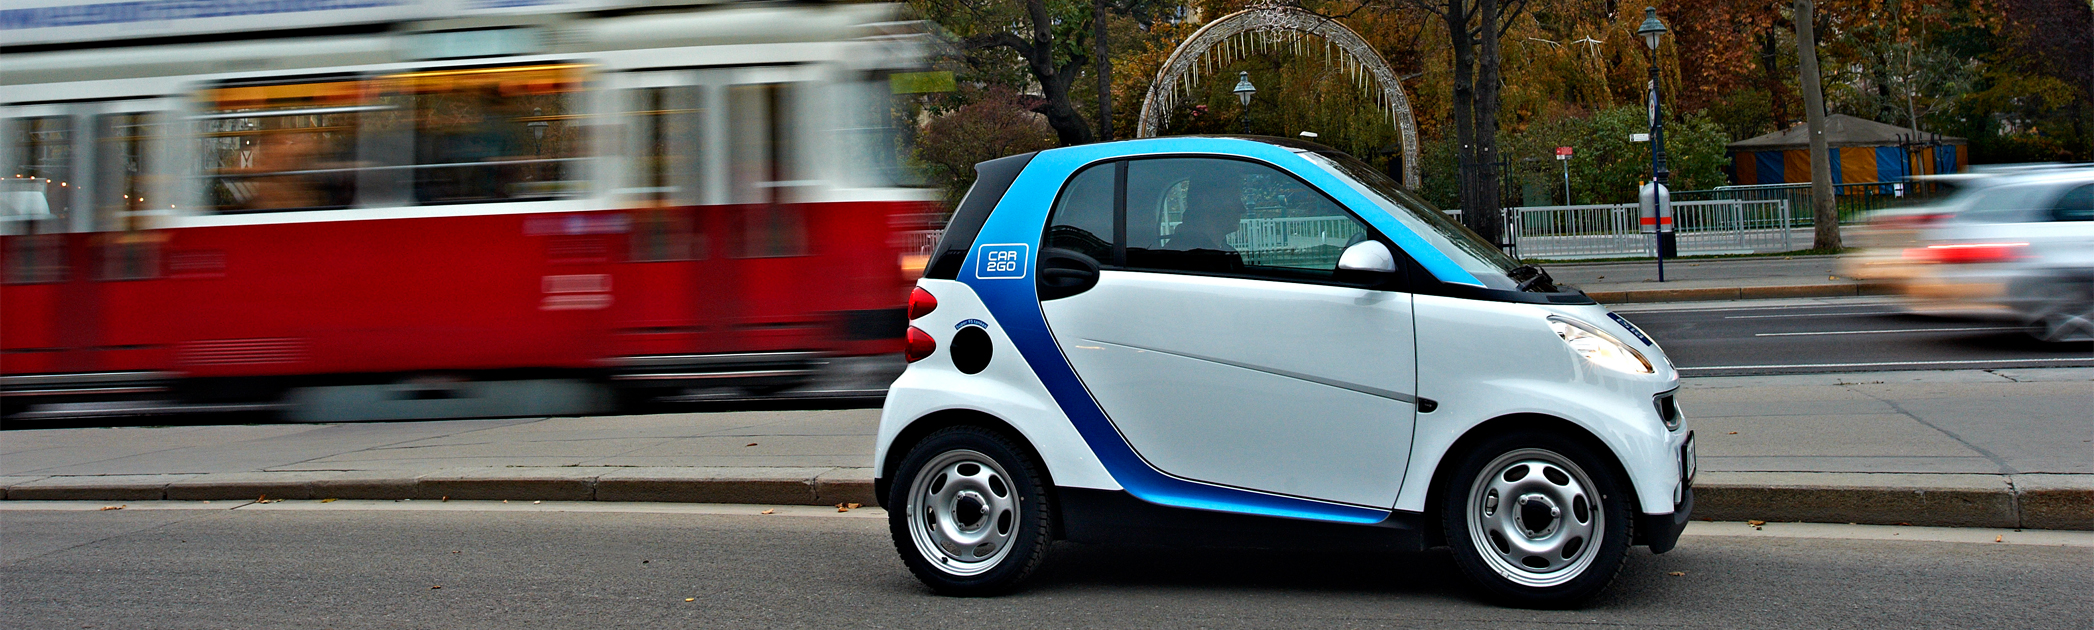 Car2go Smart fortwo vor einer Wiener Straßenbahn